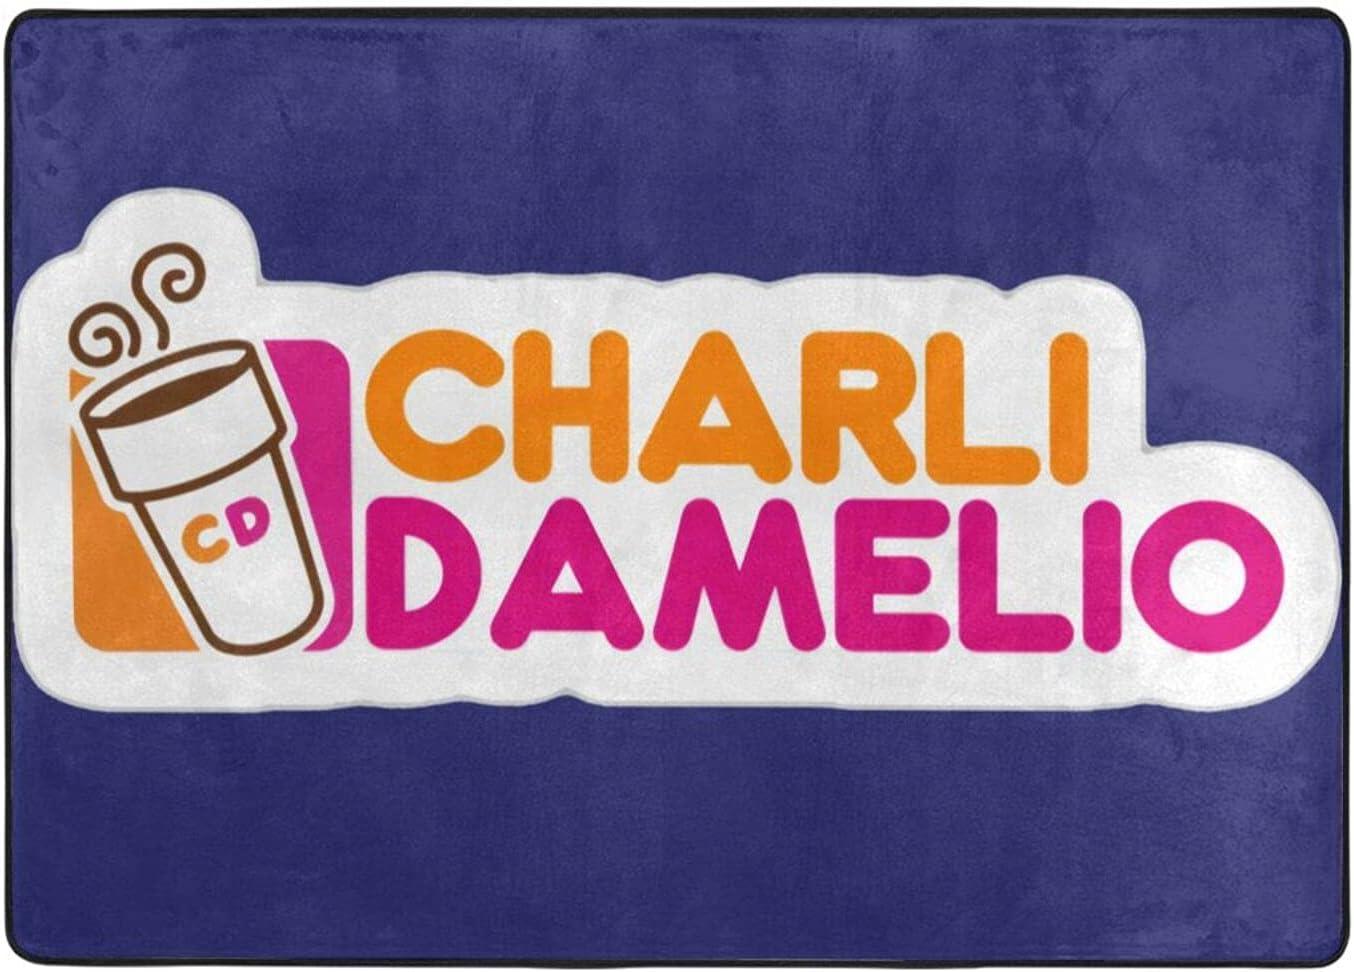 Charli Damelio Door Mat Indoor Outdoor free shipping Non-Slip Absor 67% OFF of fixed price Floor